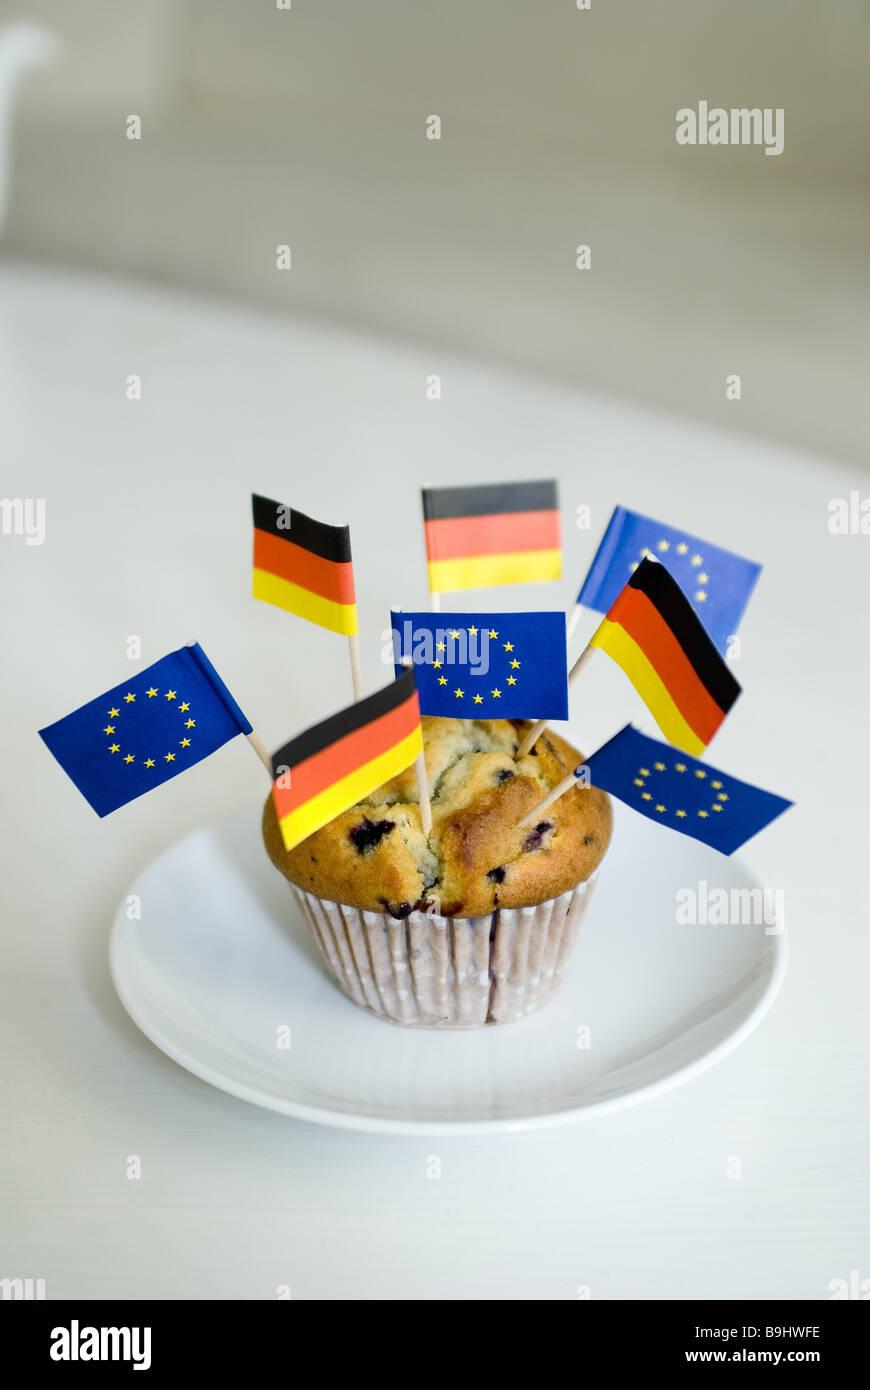 Muffin Platten Deutschland Flaggen Europa Flaggen Essen Sussigkeiten